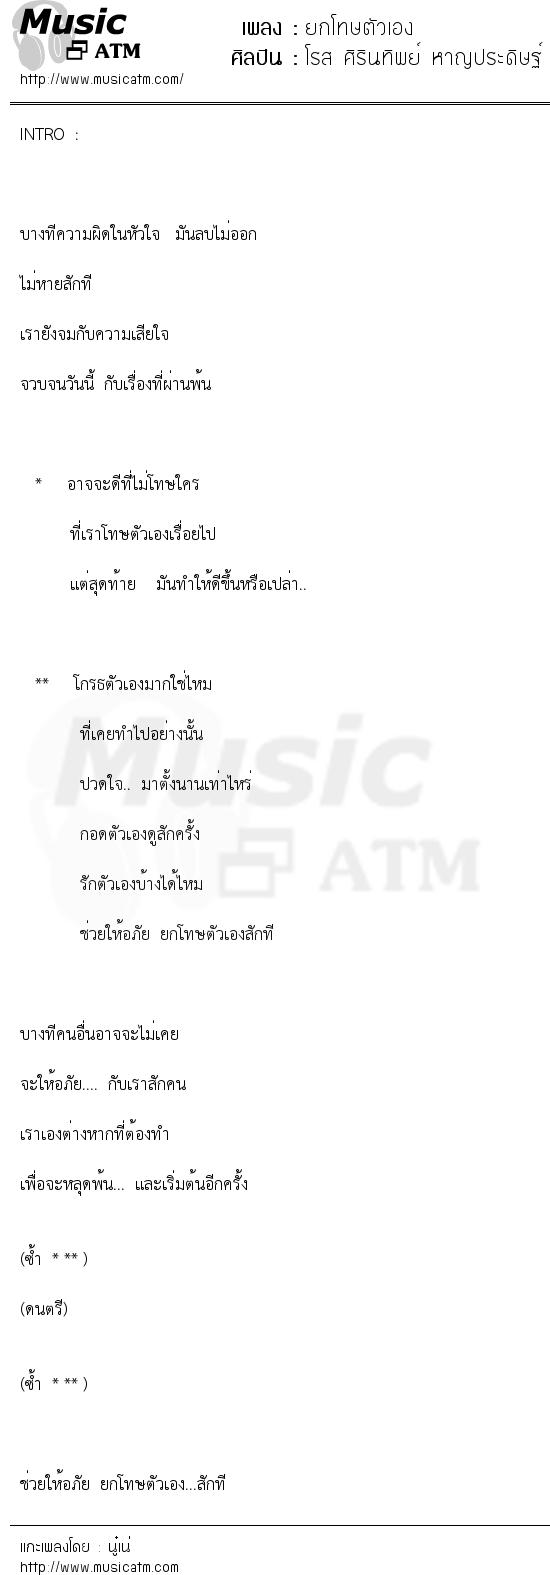 ยกโทษตัวเอง | เพลงไทย